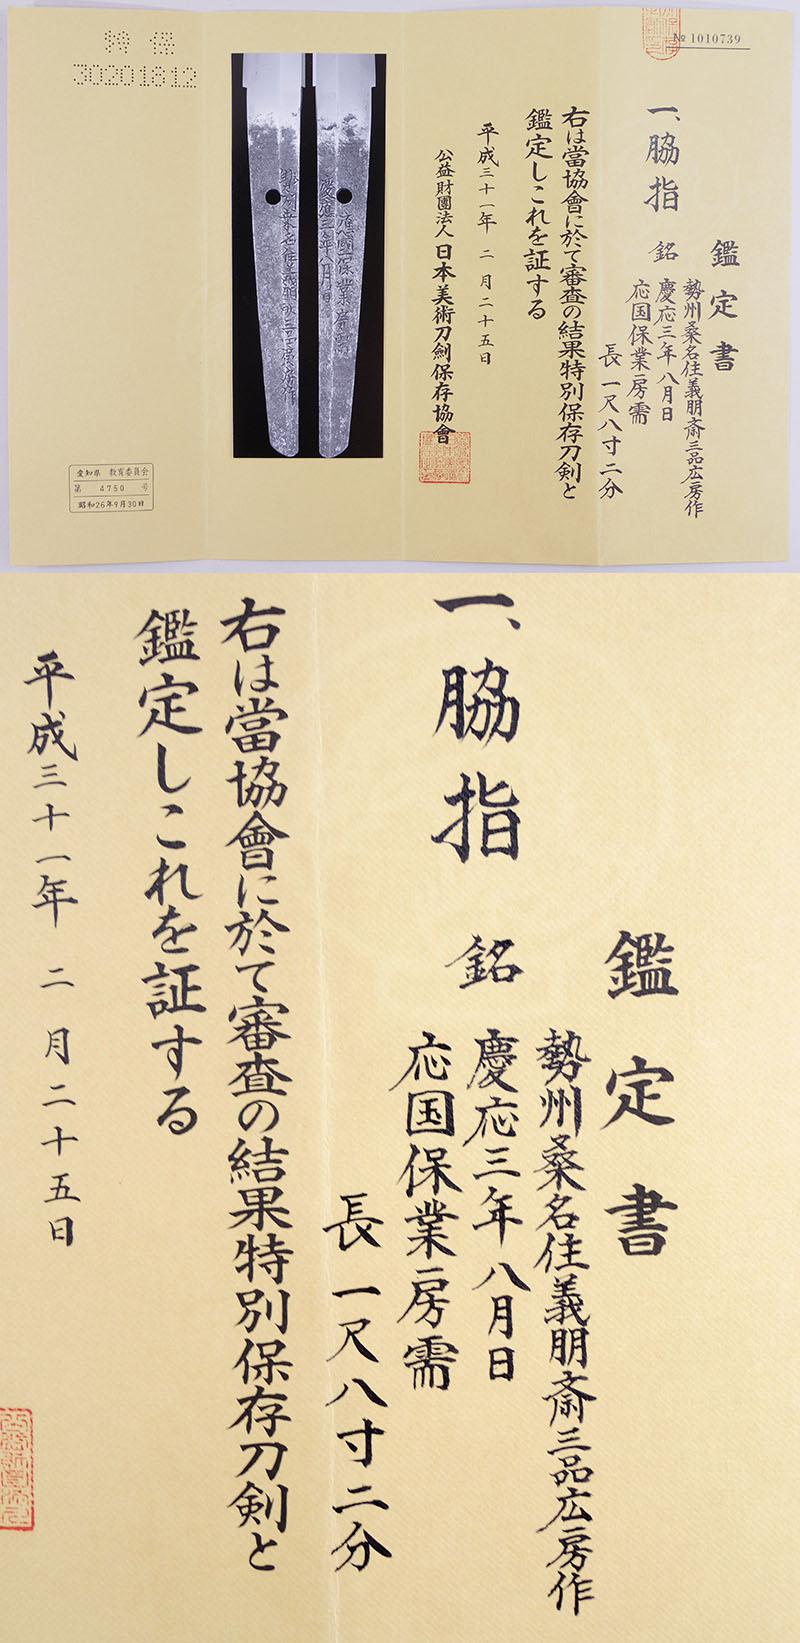 勢州広桑名住義朋斎三品房作 Picture of Certificate